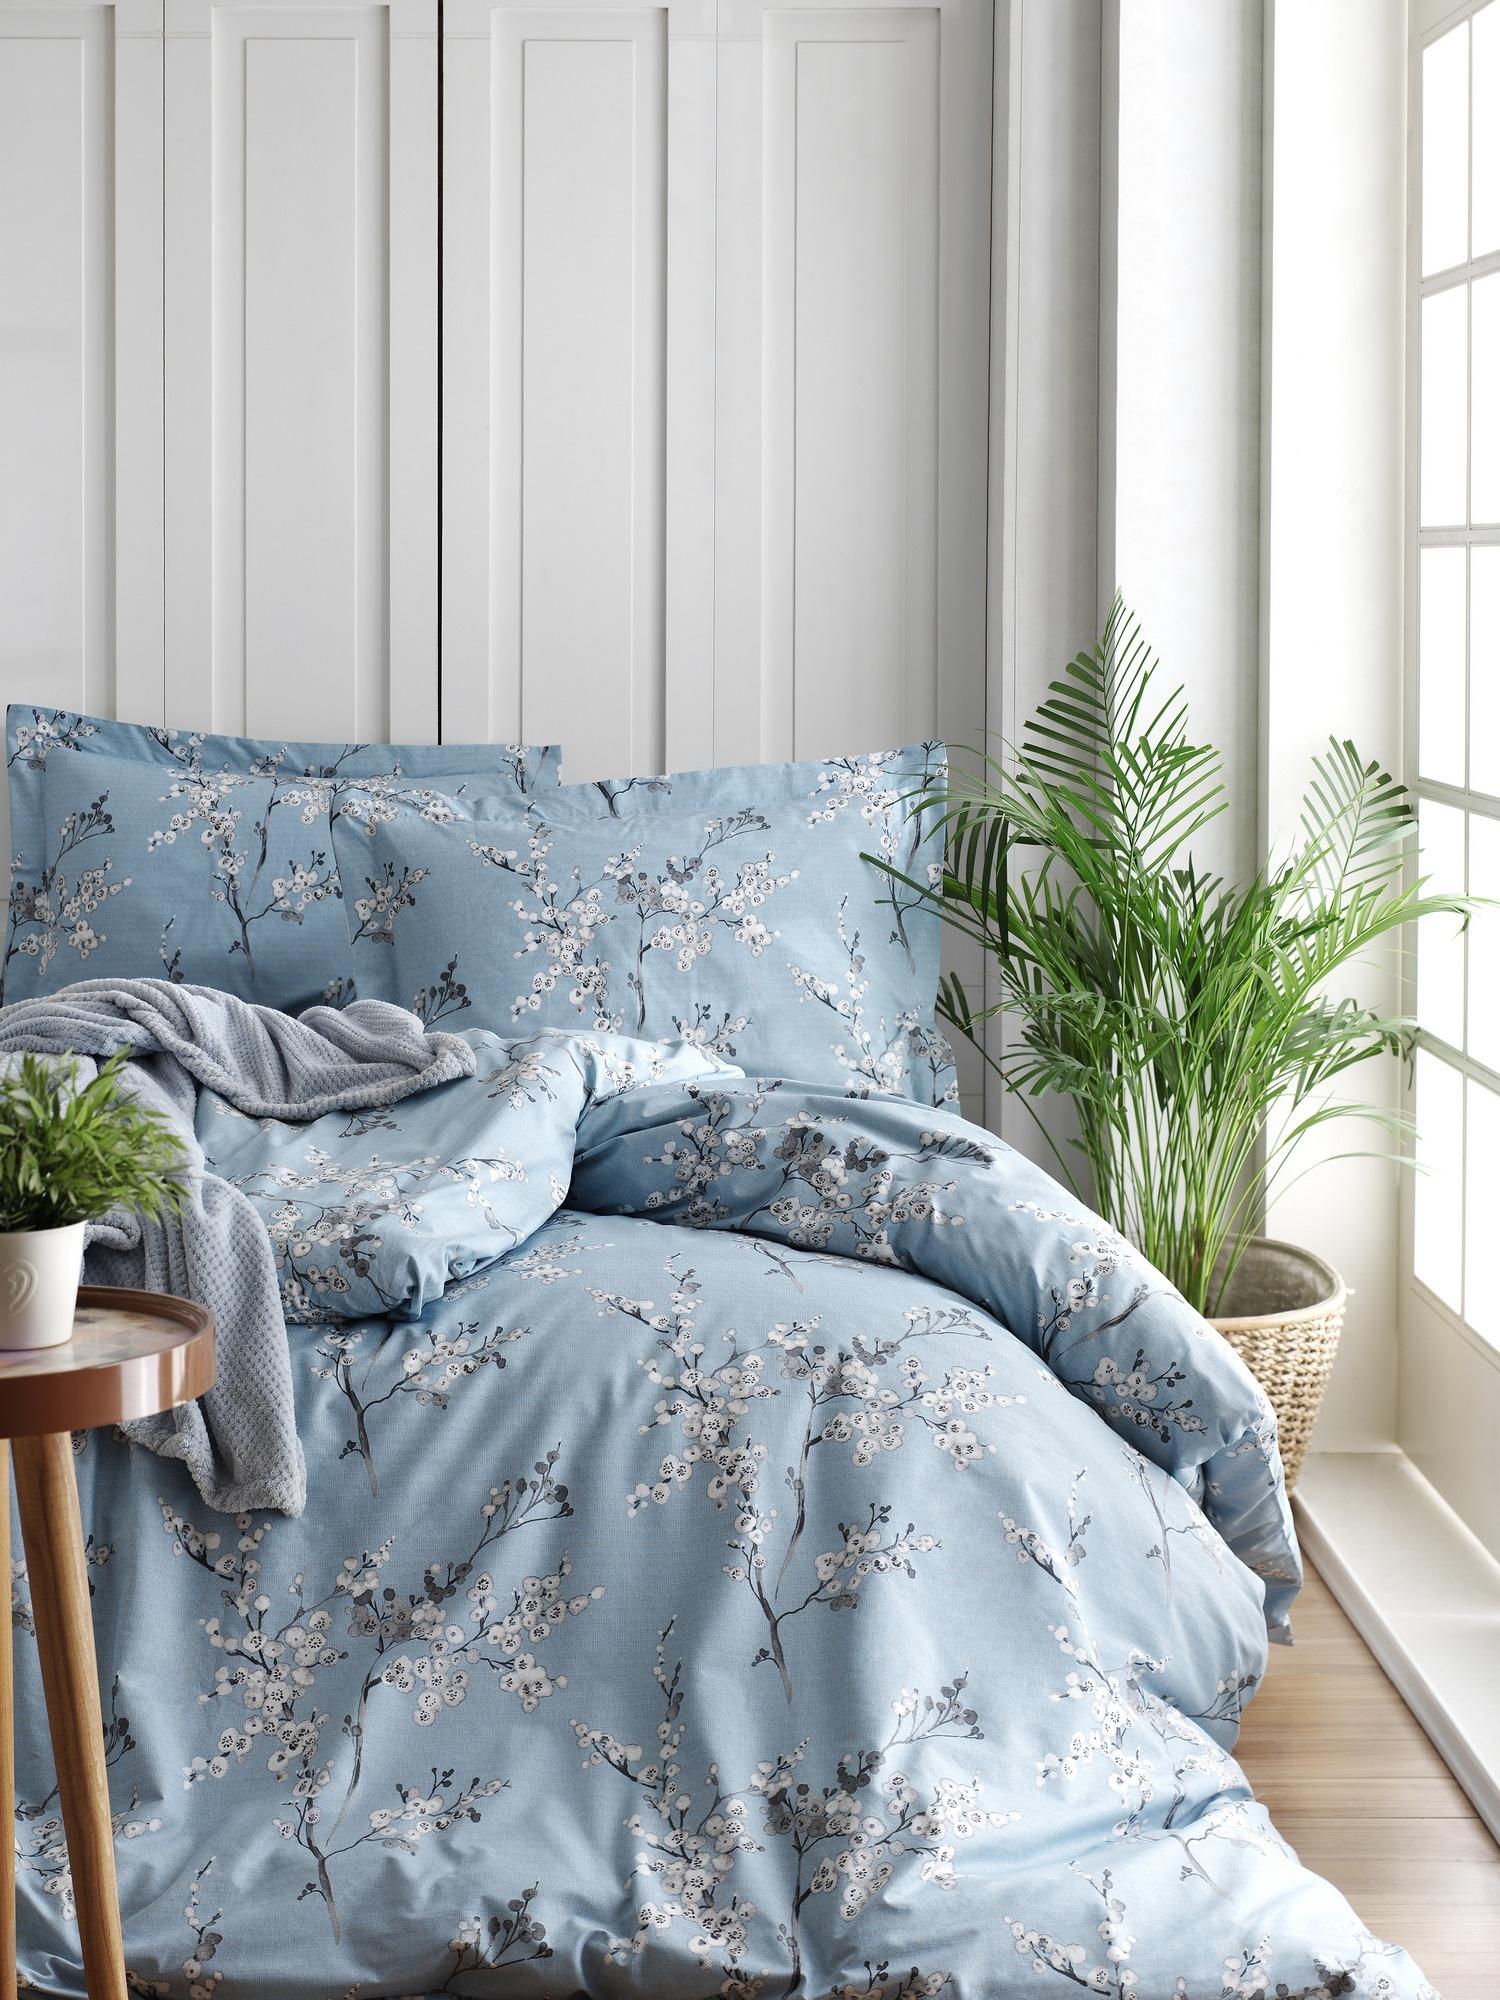 Lenjerie de pat din bumbac Ranforce, Chicory Albastru / Alb, 200 x 220 cm imagine